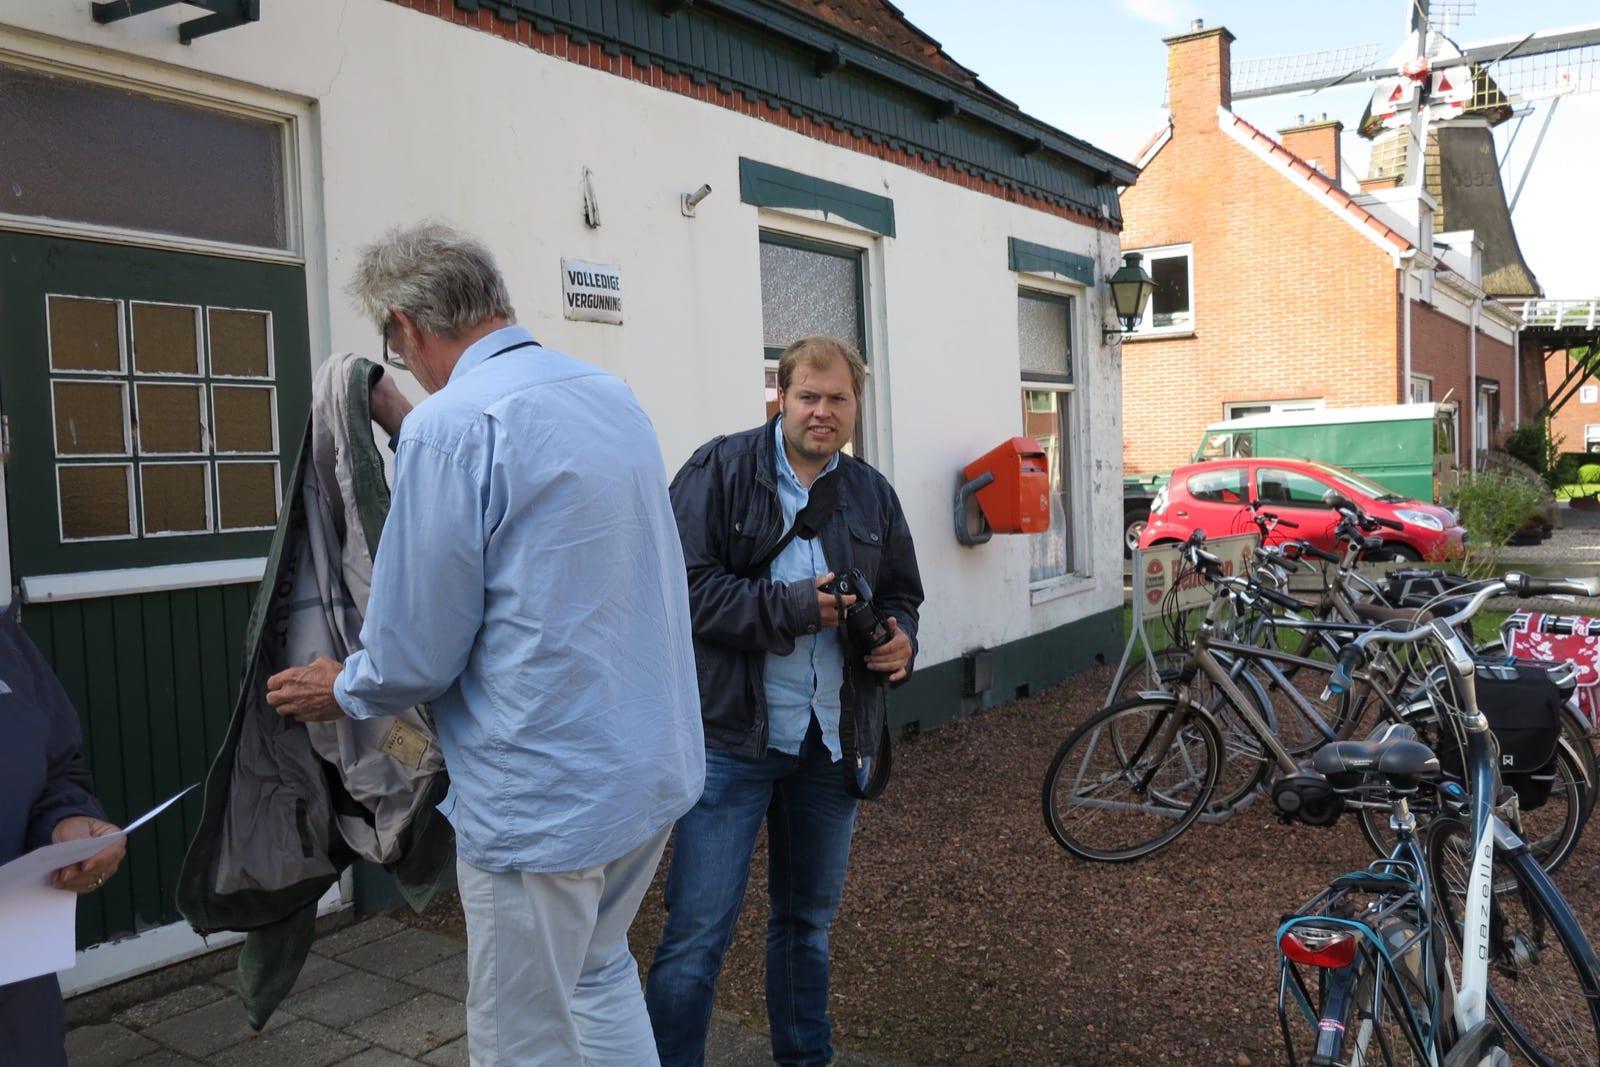 et-fiets-en-fietser-47-thesinger-fietstocht--jan-ceulen-en-joost-vd-berg-oi.jpg